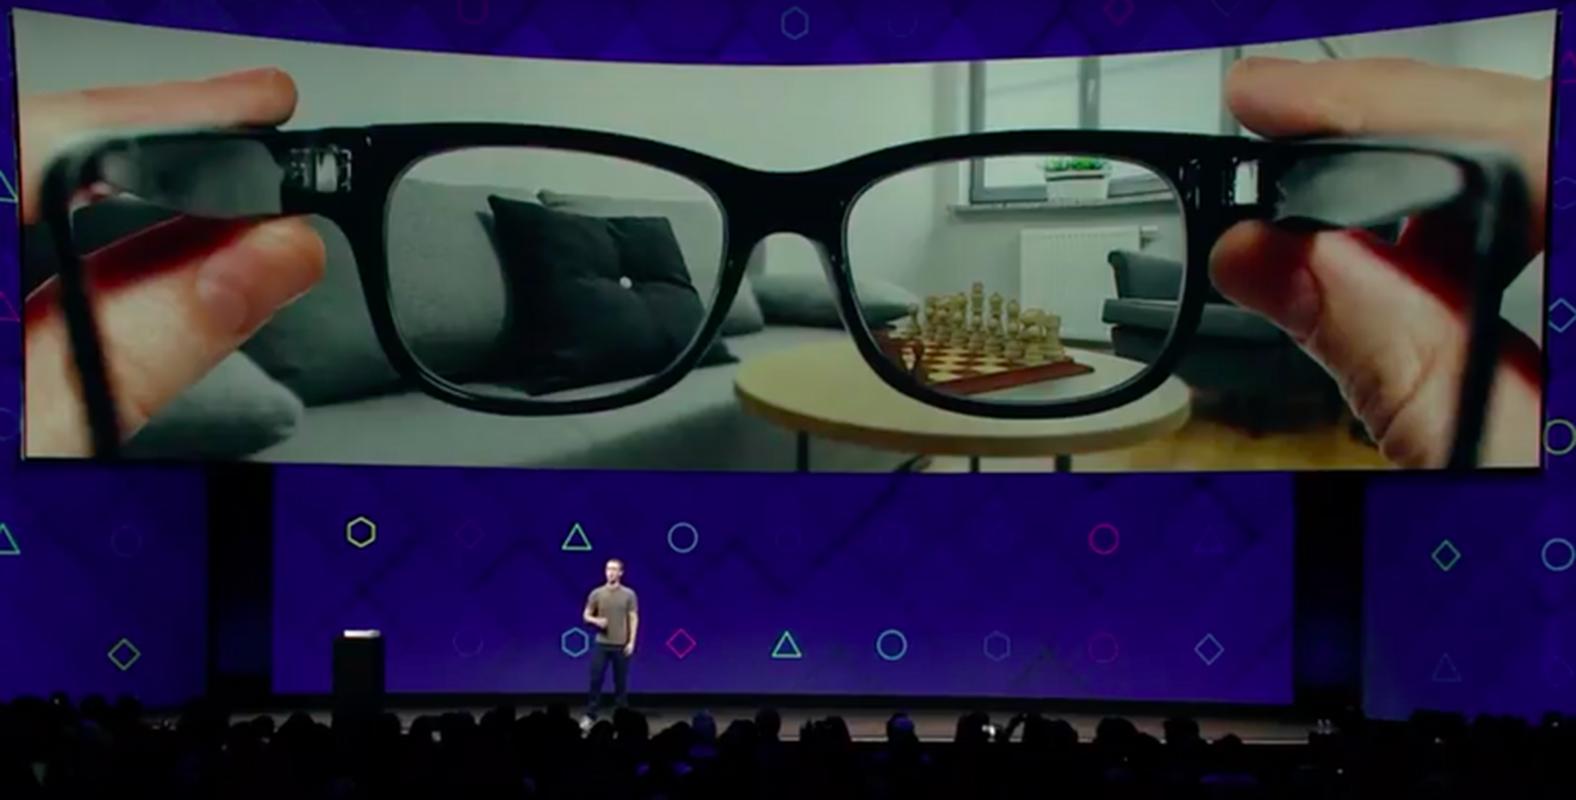 Celem Facebooka jest wypuszczenie okularów, które pozwalałyby na wyświetlanie wirtualnych treści na podglądzie prawdziwego świata - np. cyfrowej szachownicy na stole